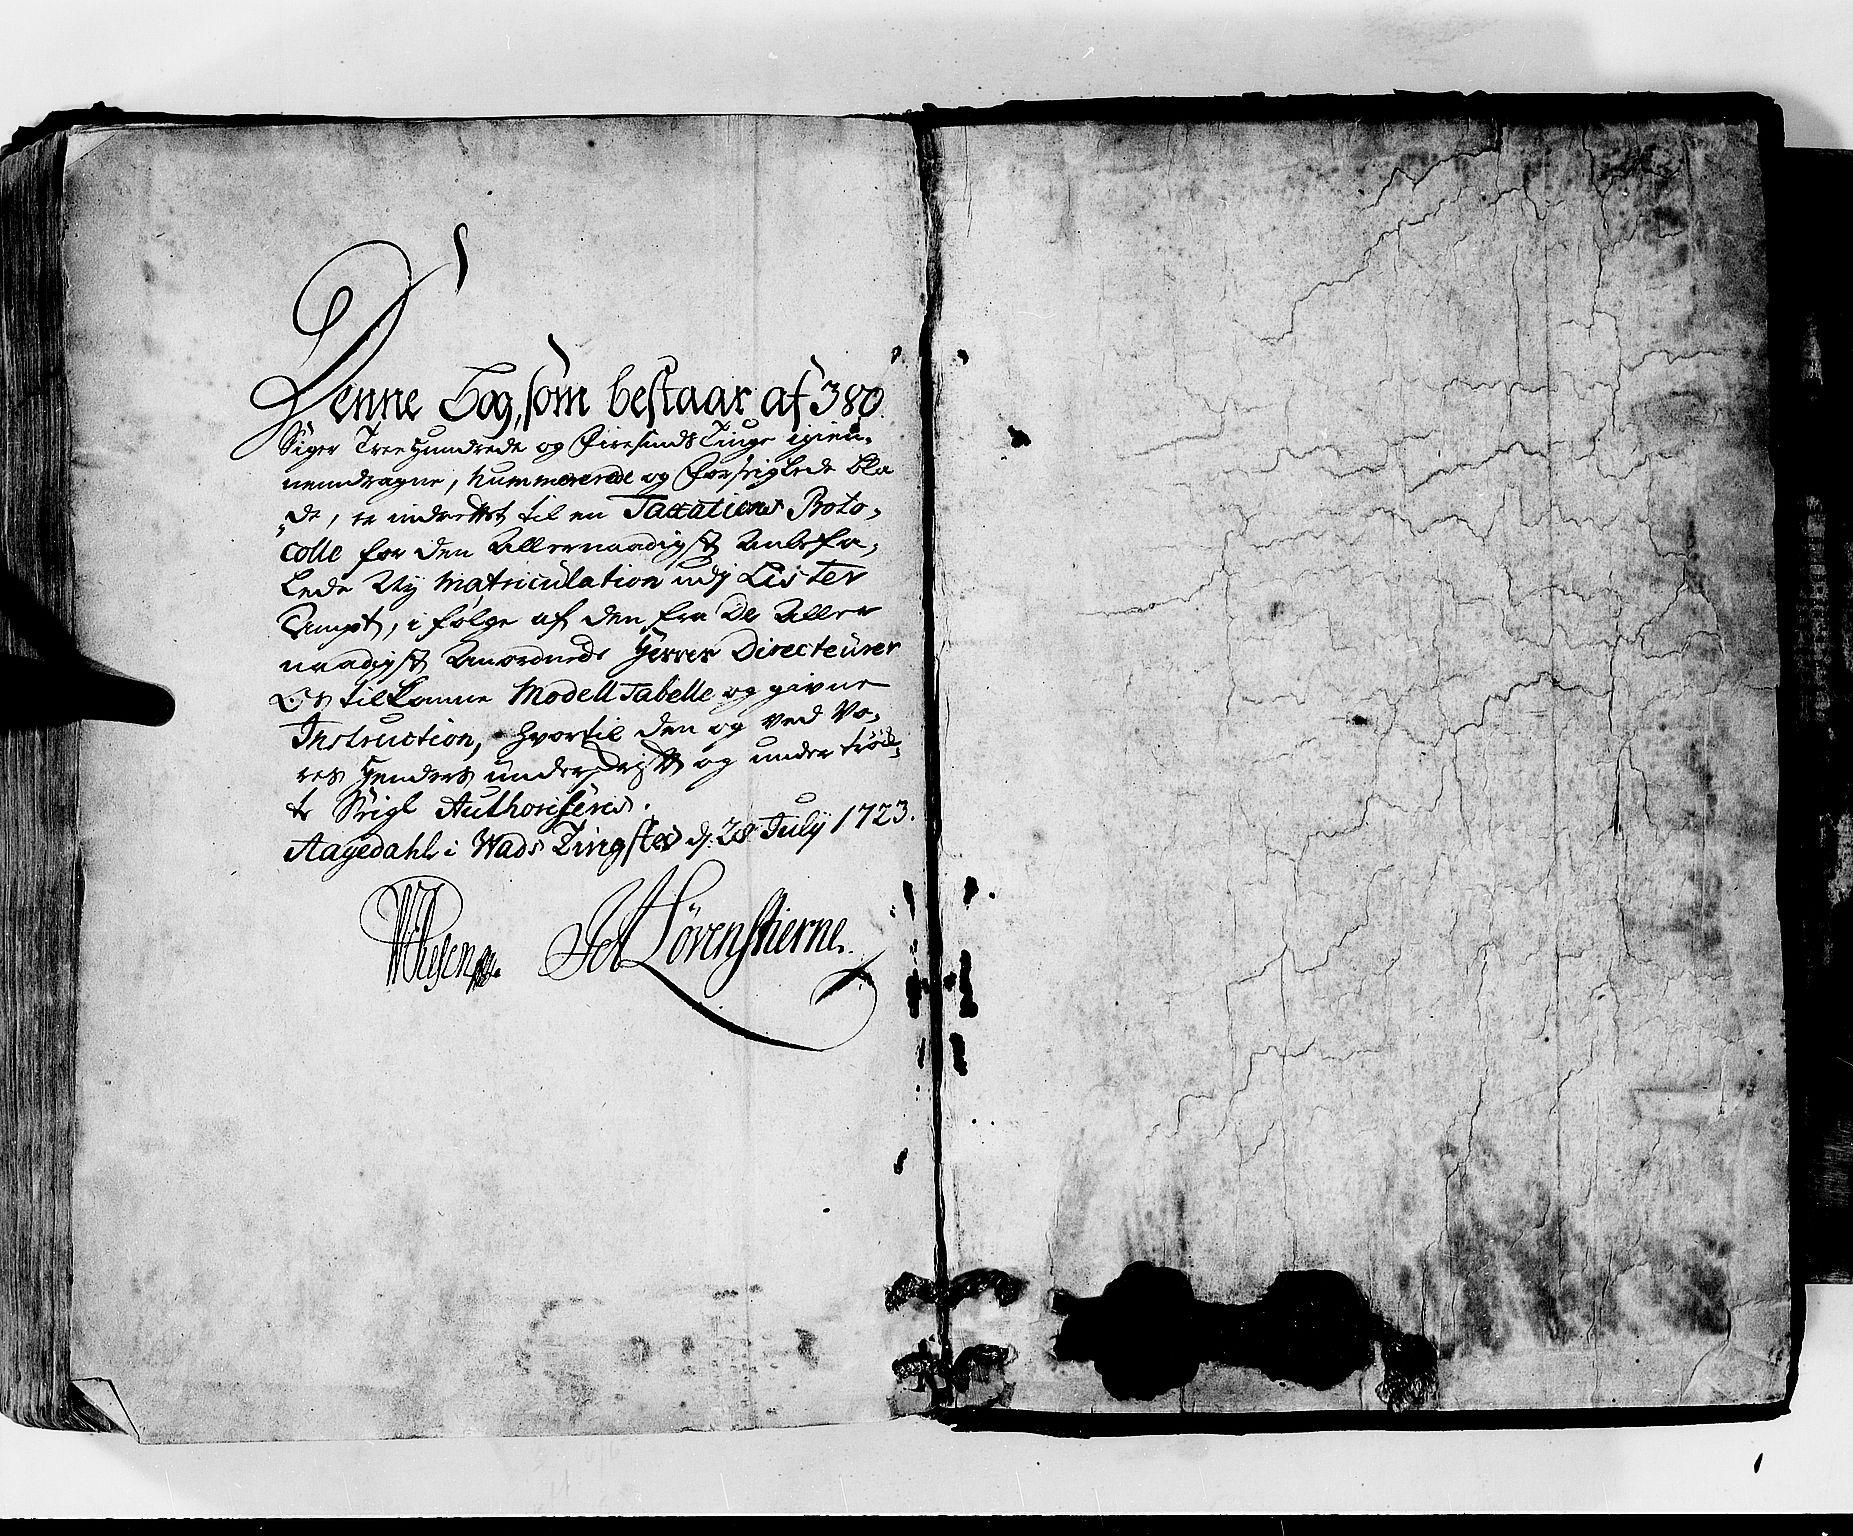 RA, Rentekammeret inntil 1814, Realistisk ordnet avdeling, N/Nb/Nbf/L0130: Lista matrikkelprotokoll, 1723, s. upaginert